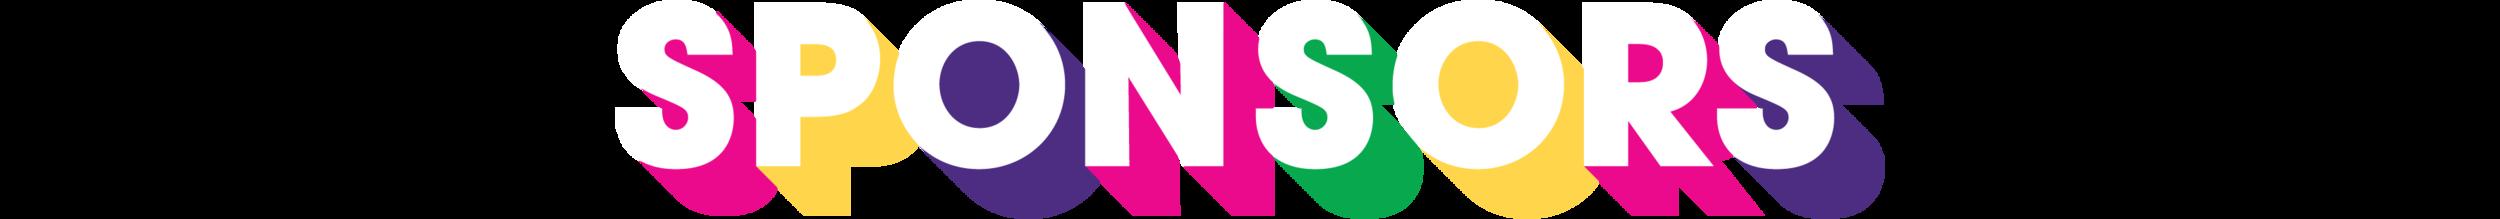 Sponsors-12.png